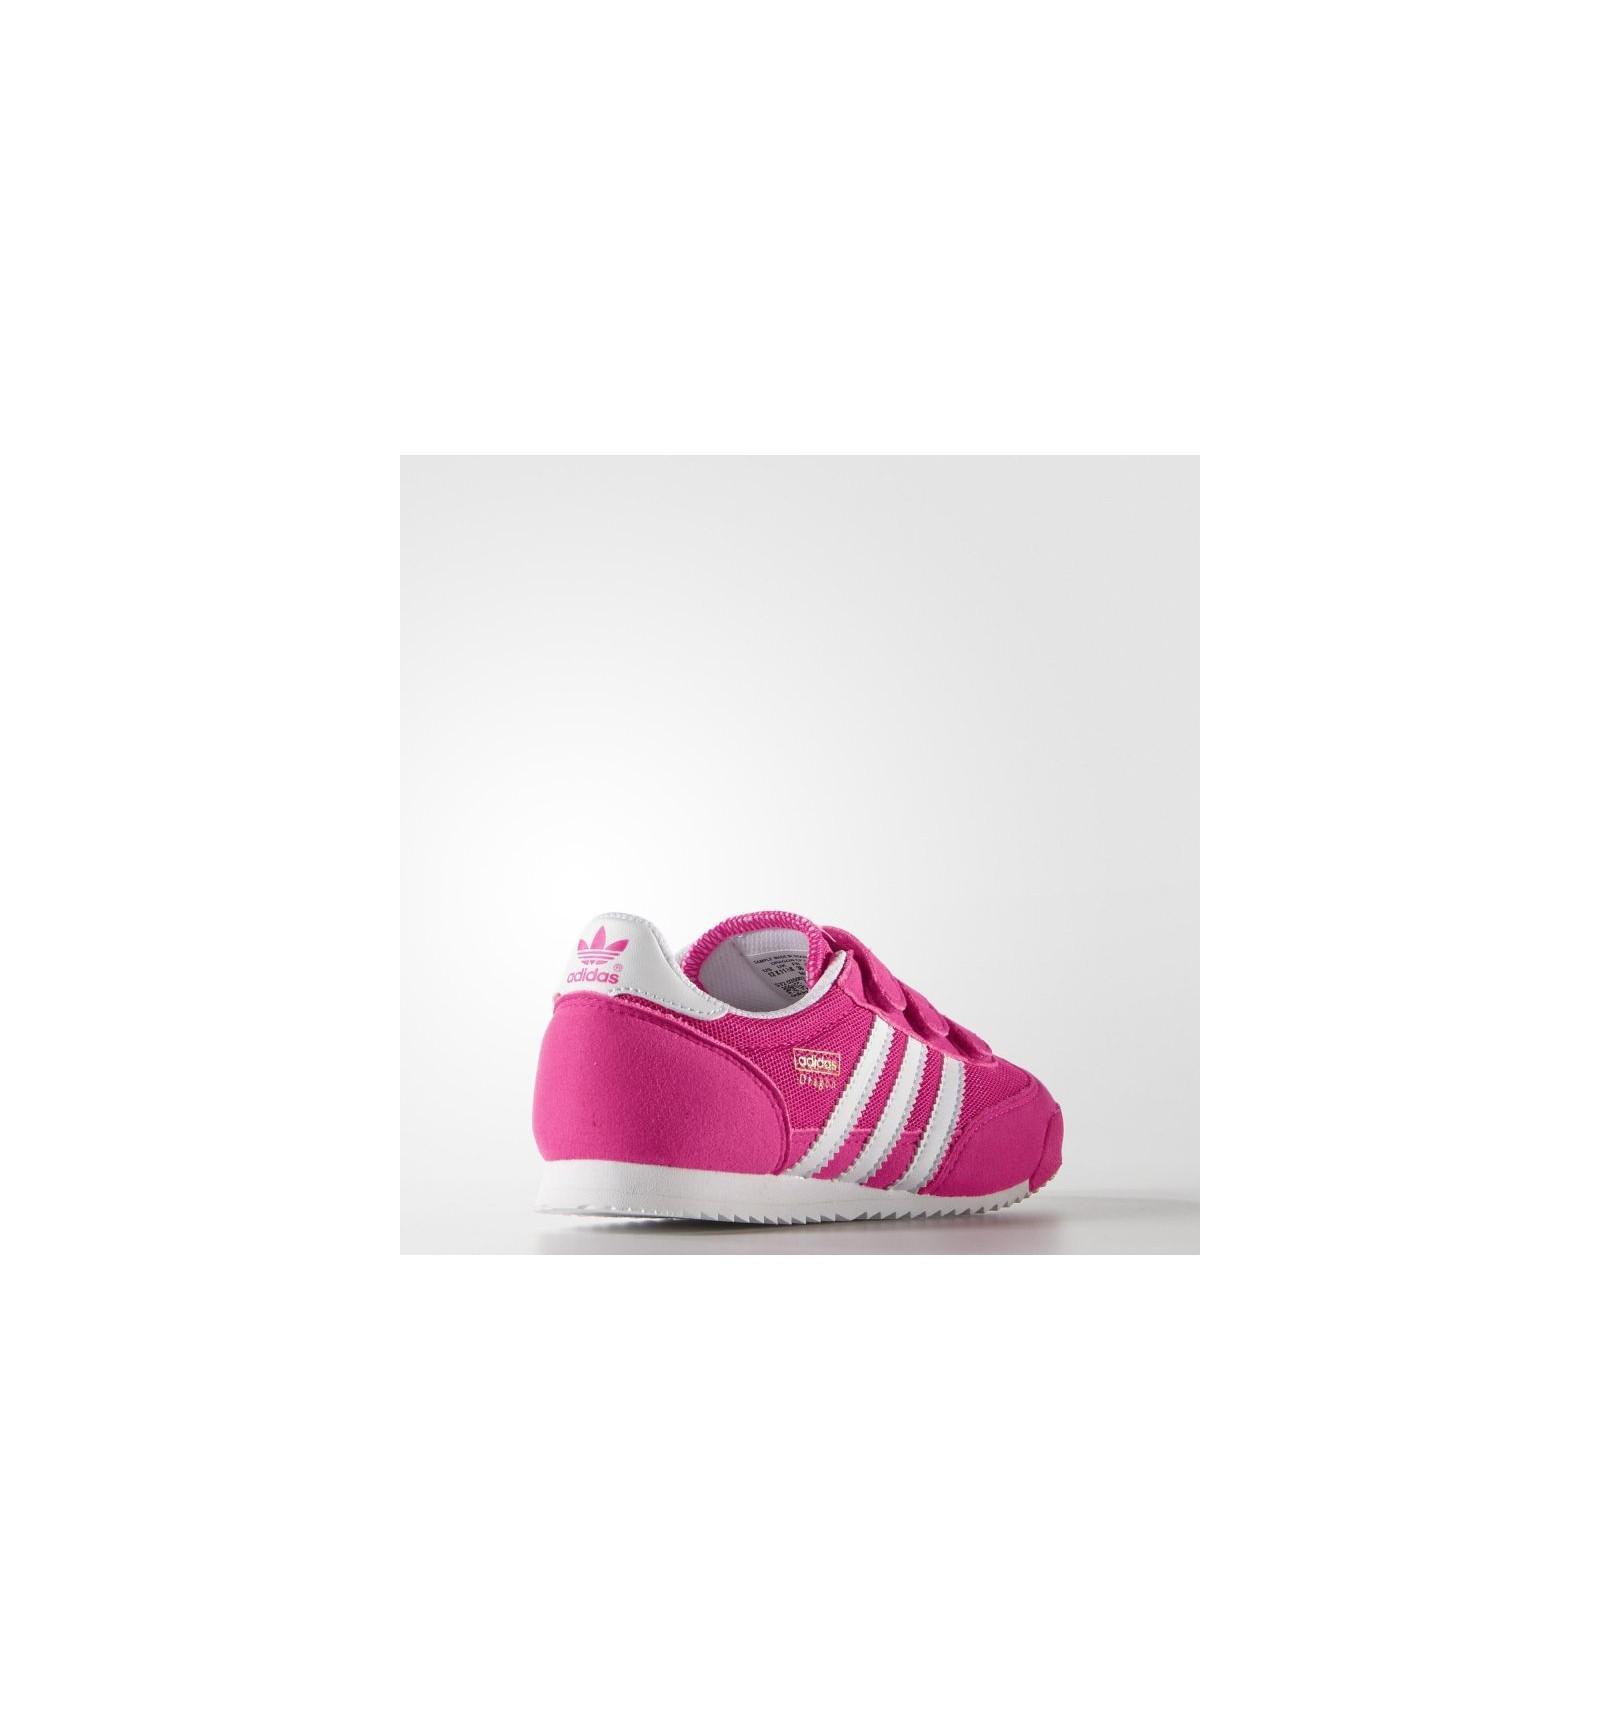 adidas dragon niña zapatillas